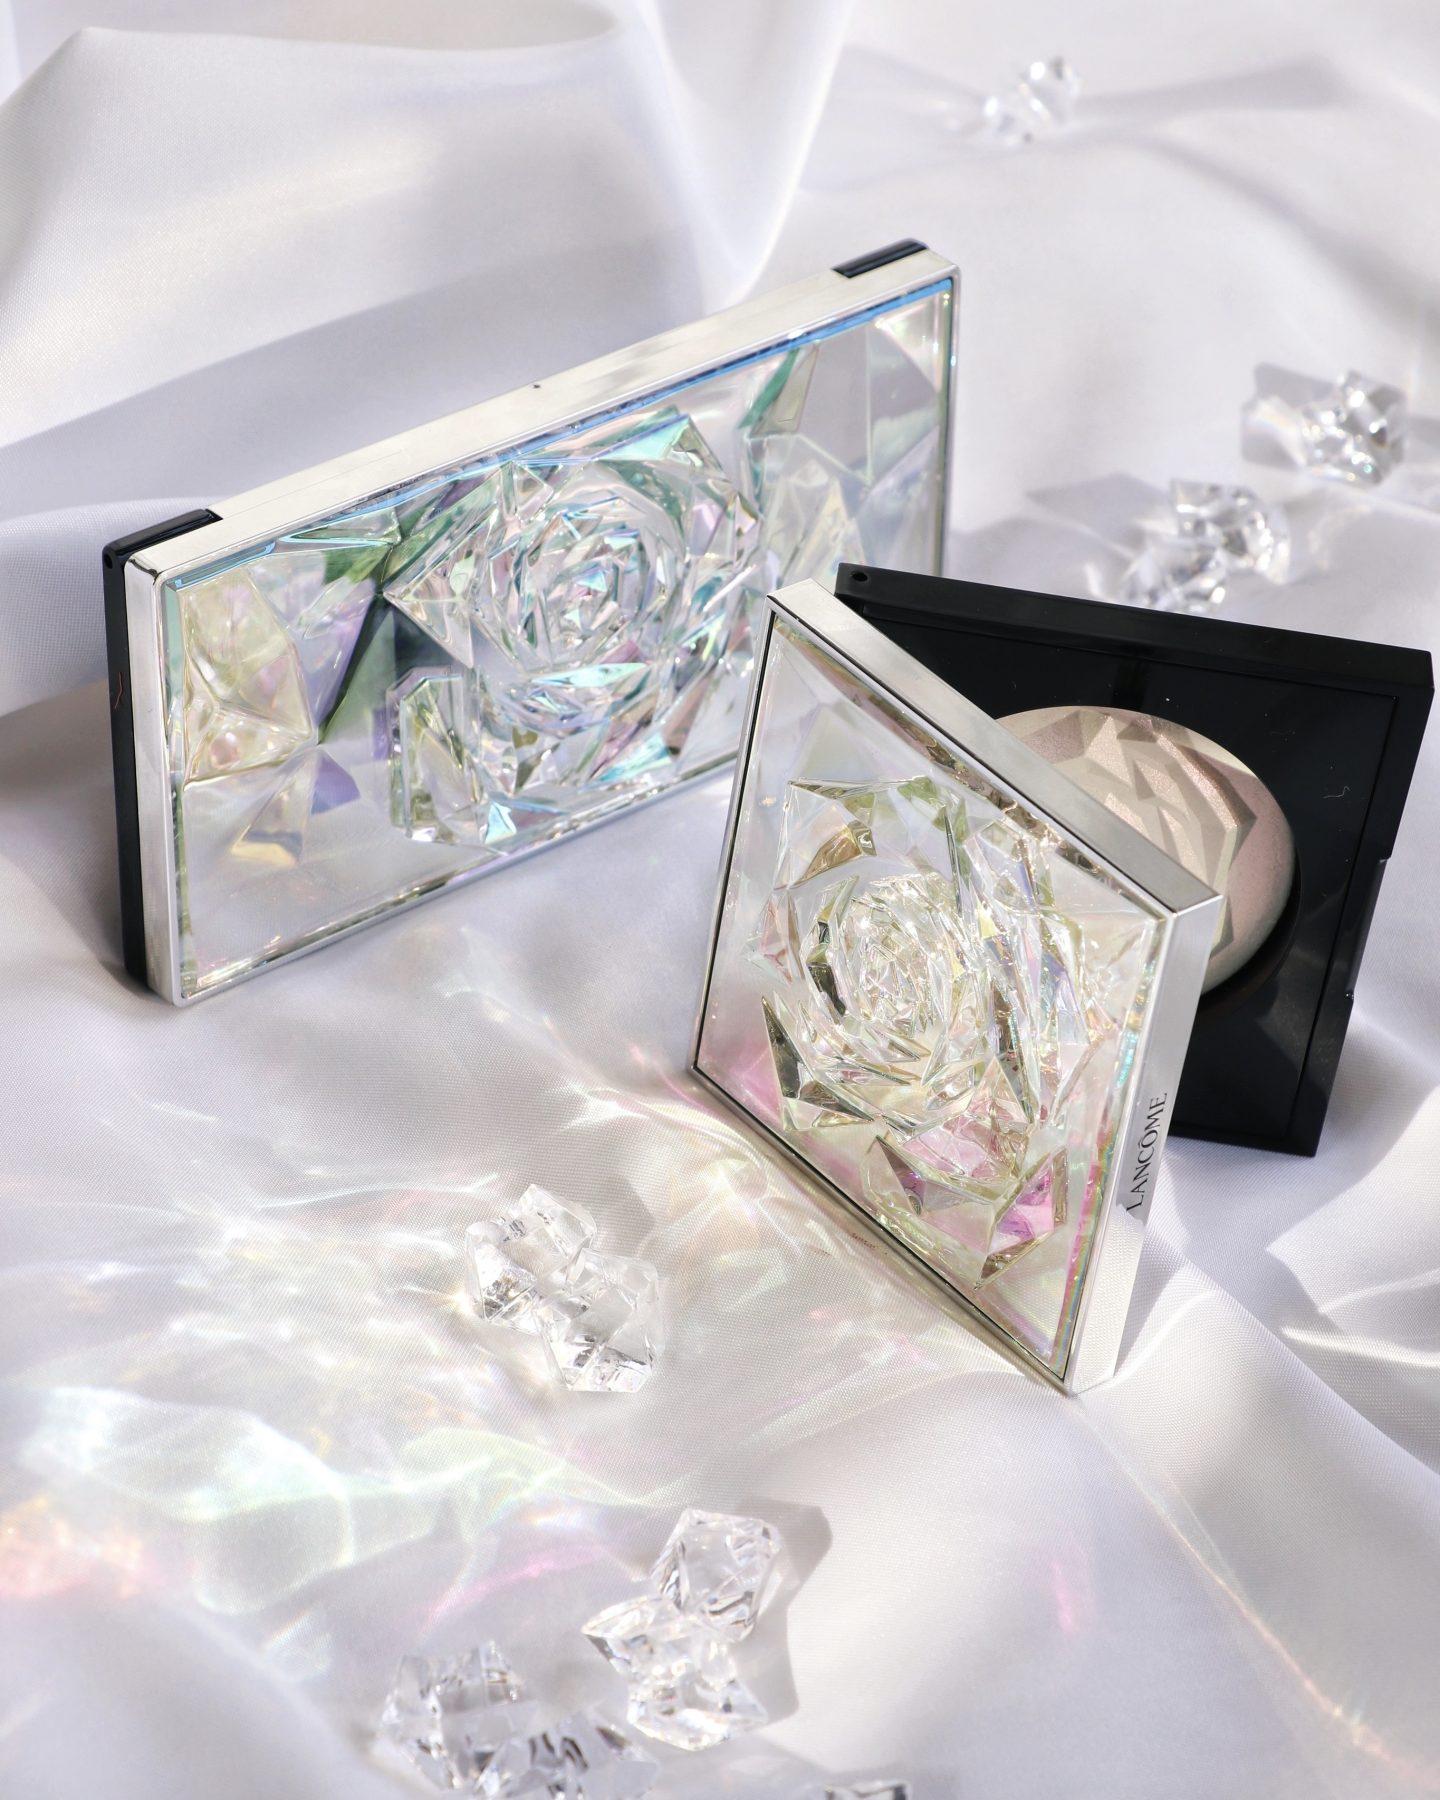 Lancôme Christmas Collection 2020